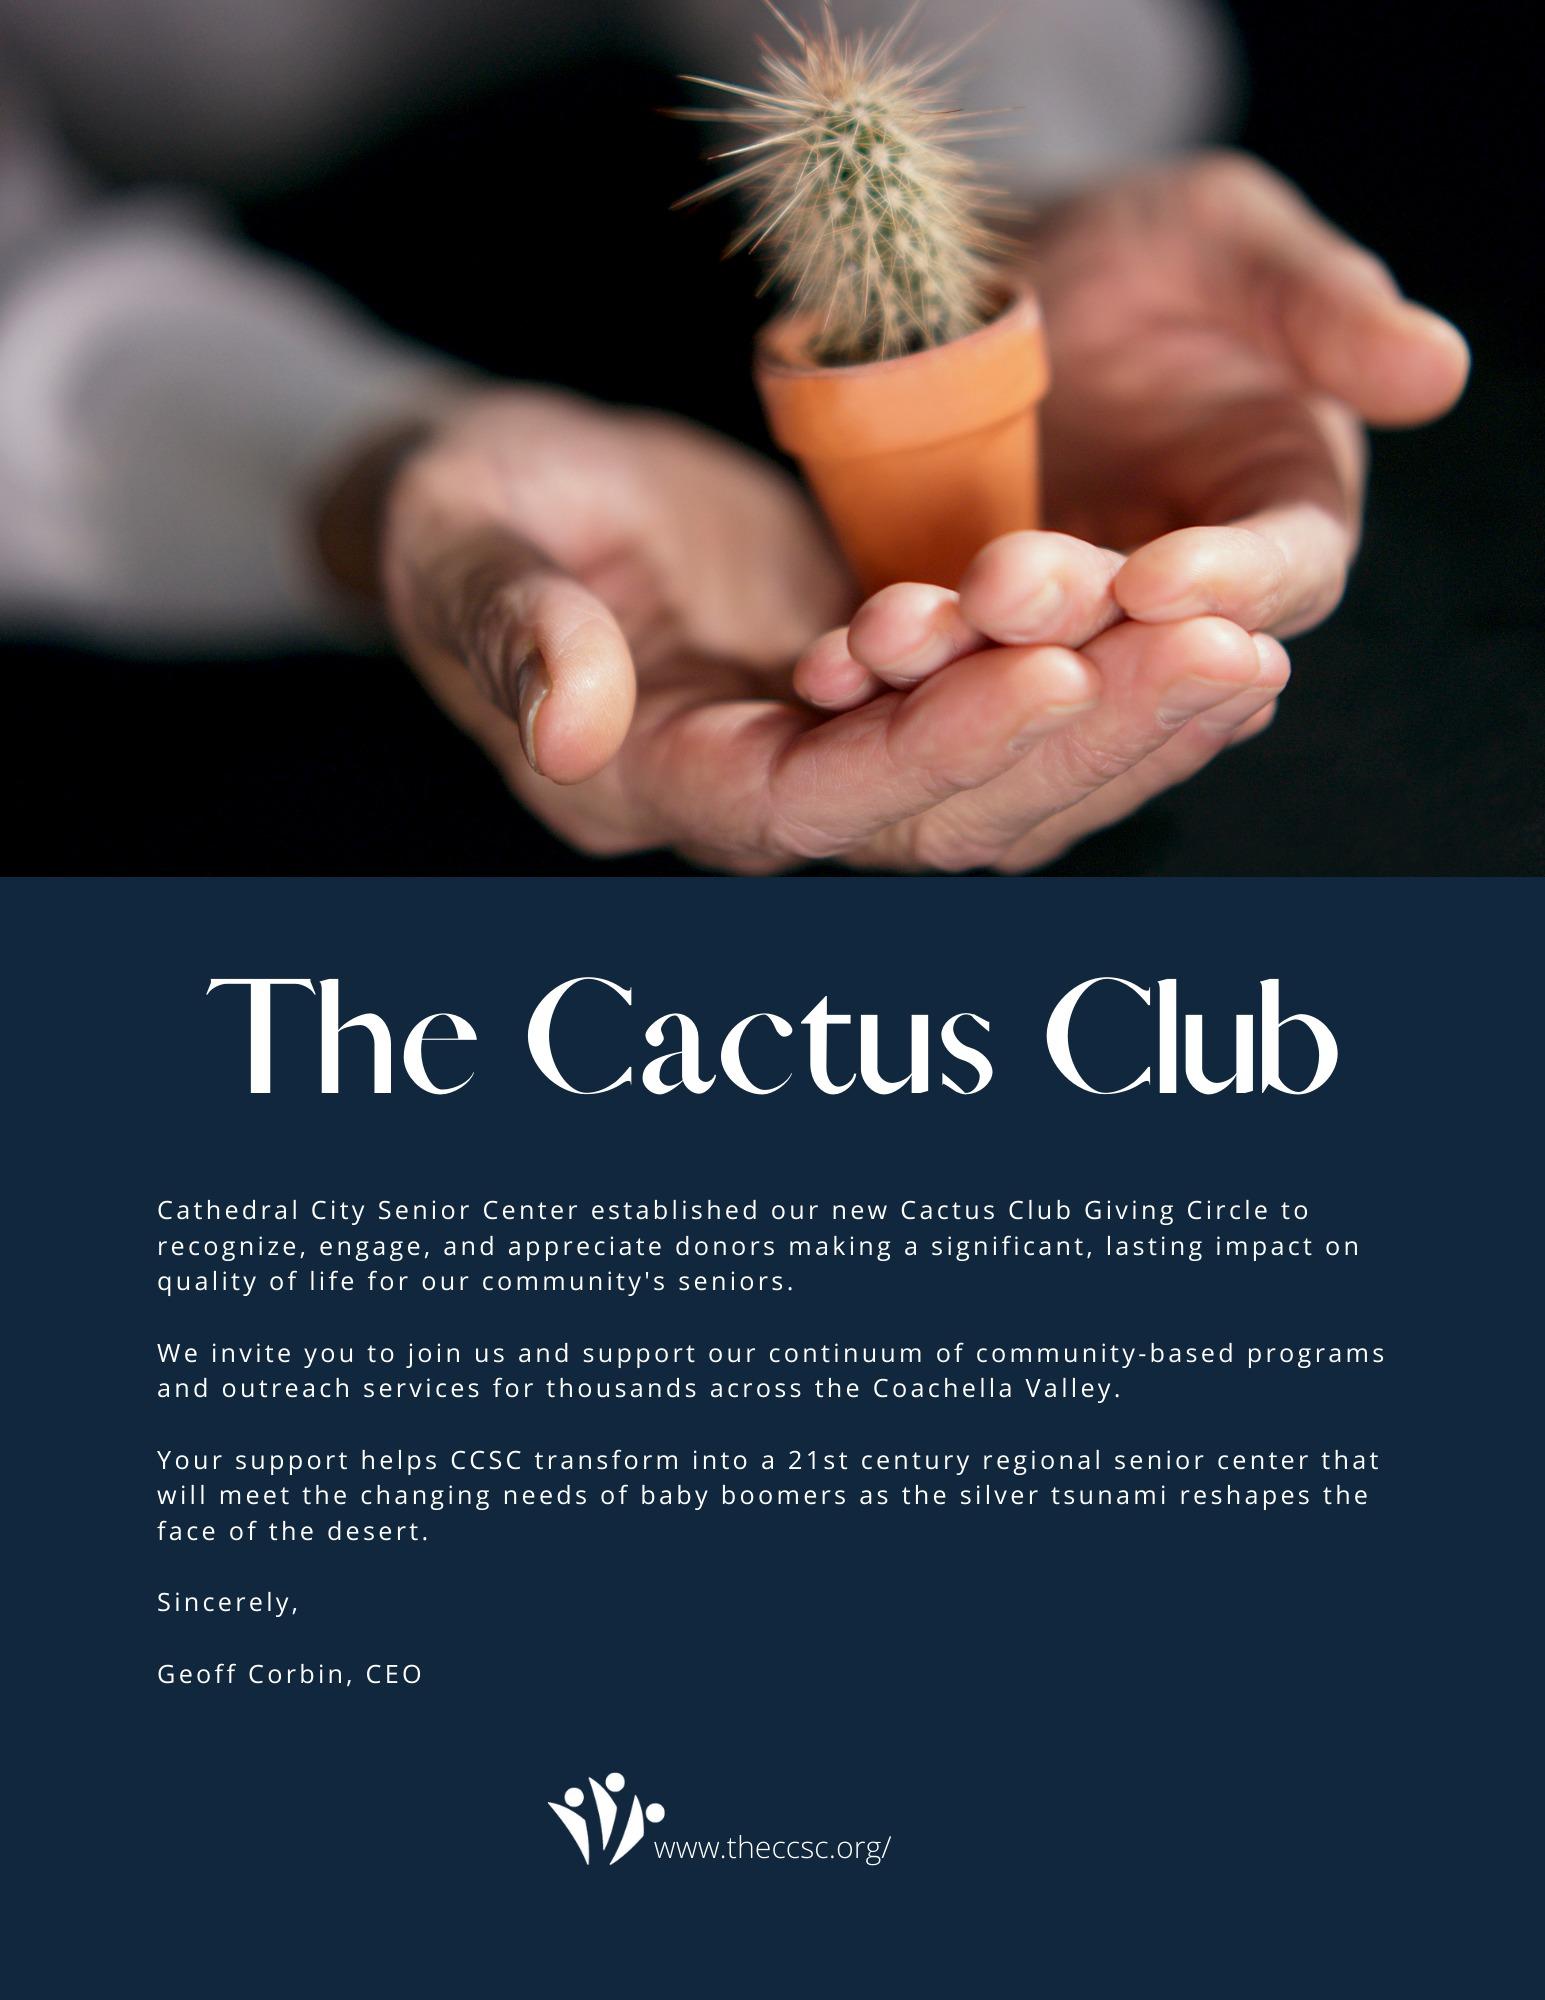 The Cactus Club